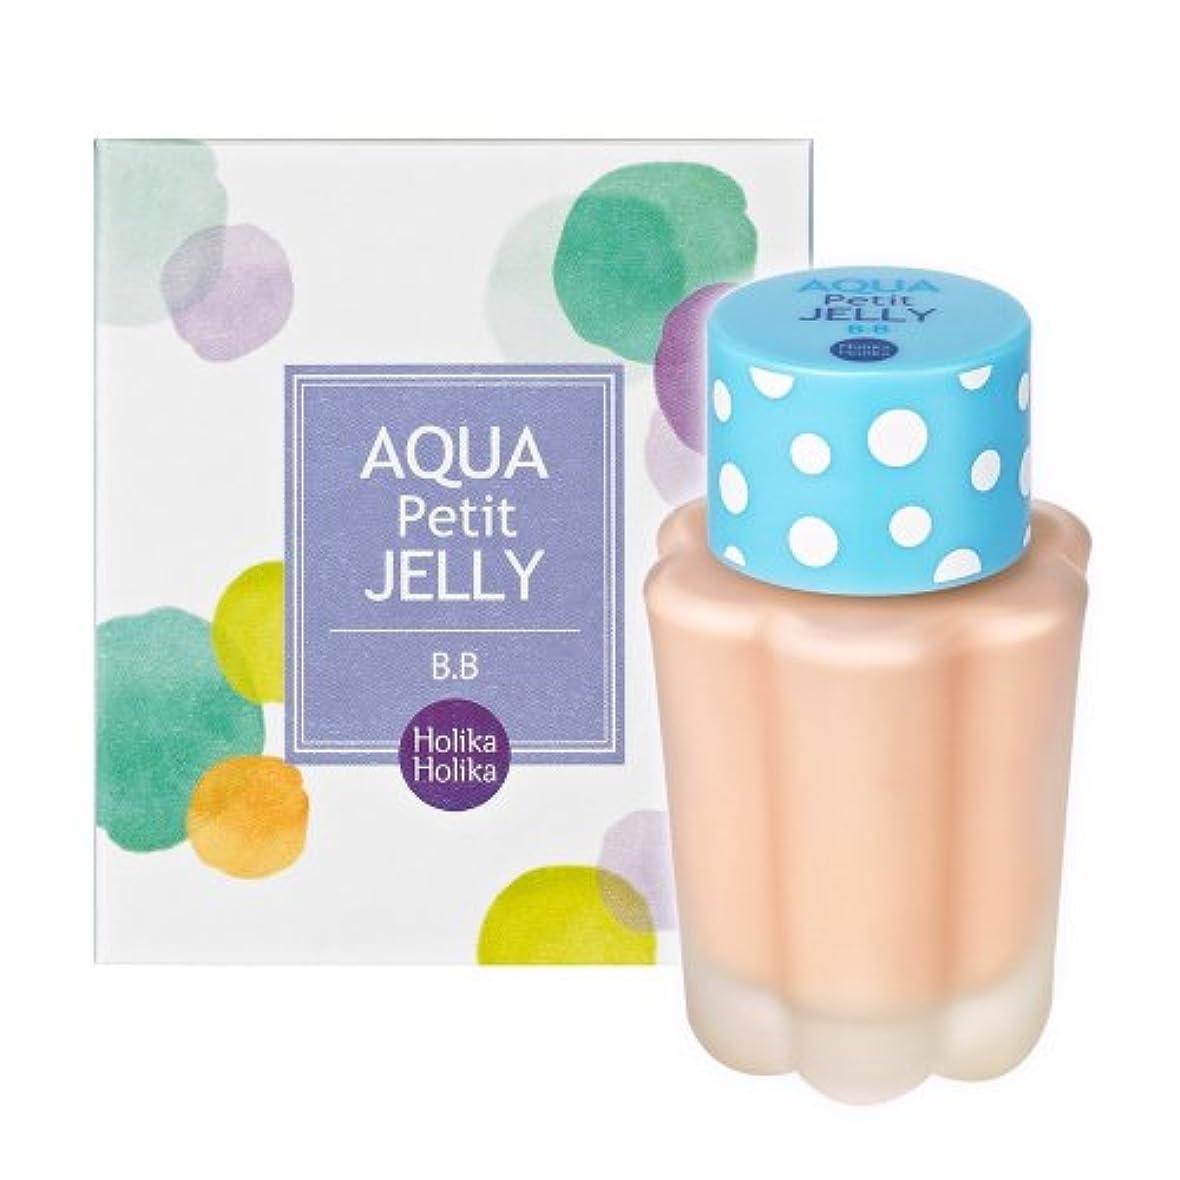 拒絶ネクタイトーナメントHolika Holika ホリカホリカ アクア?プチ?ゼリー?ビービー?クリーム 40ml #2 (Aqua Petit jelly BB Cream) 海外直送品